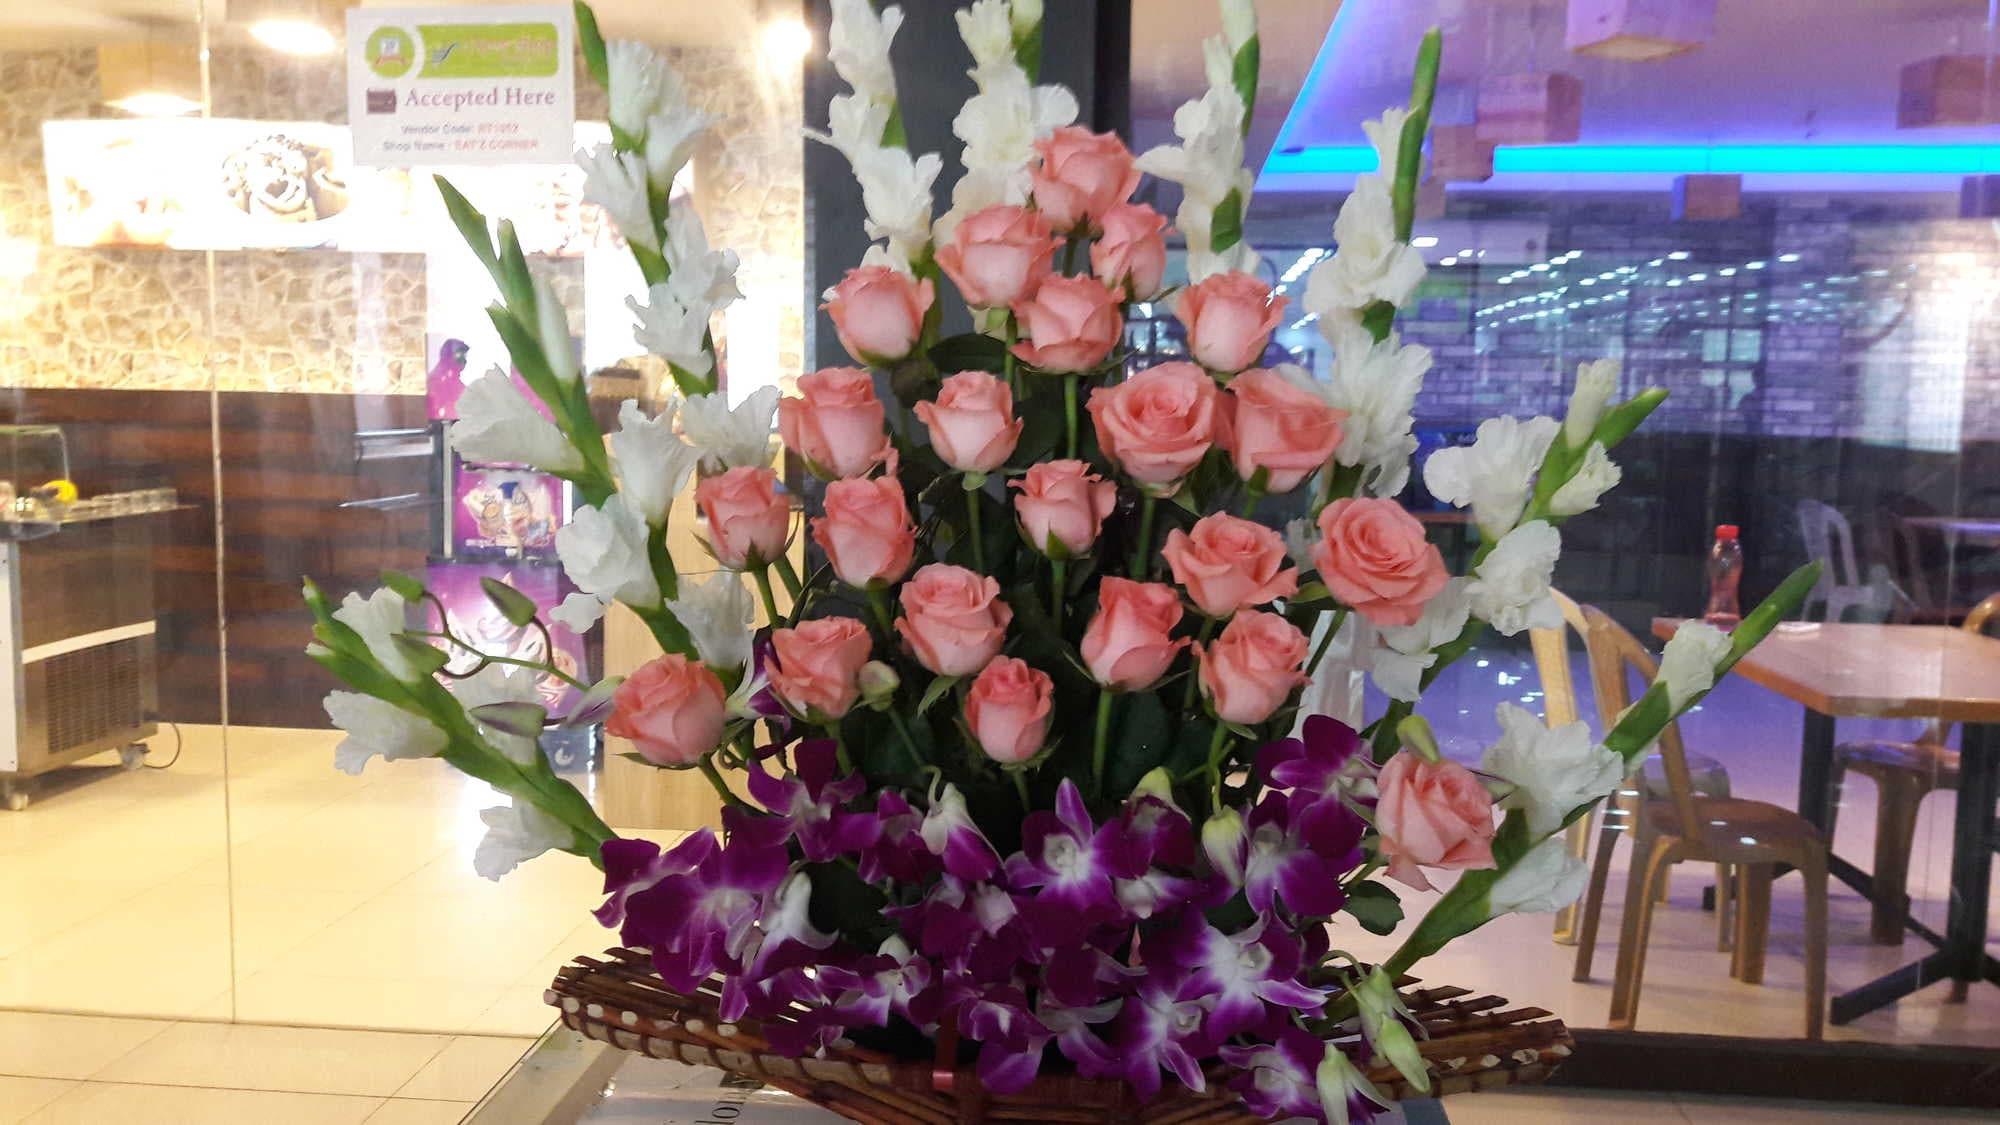 florists in salem - flower shop - justdial